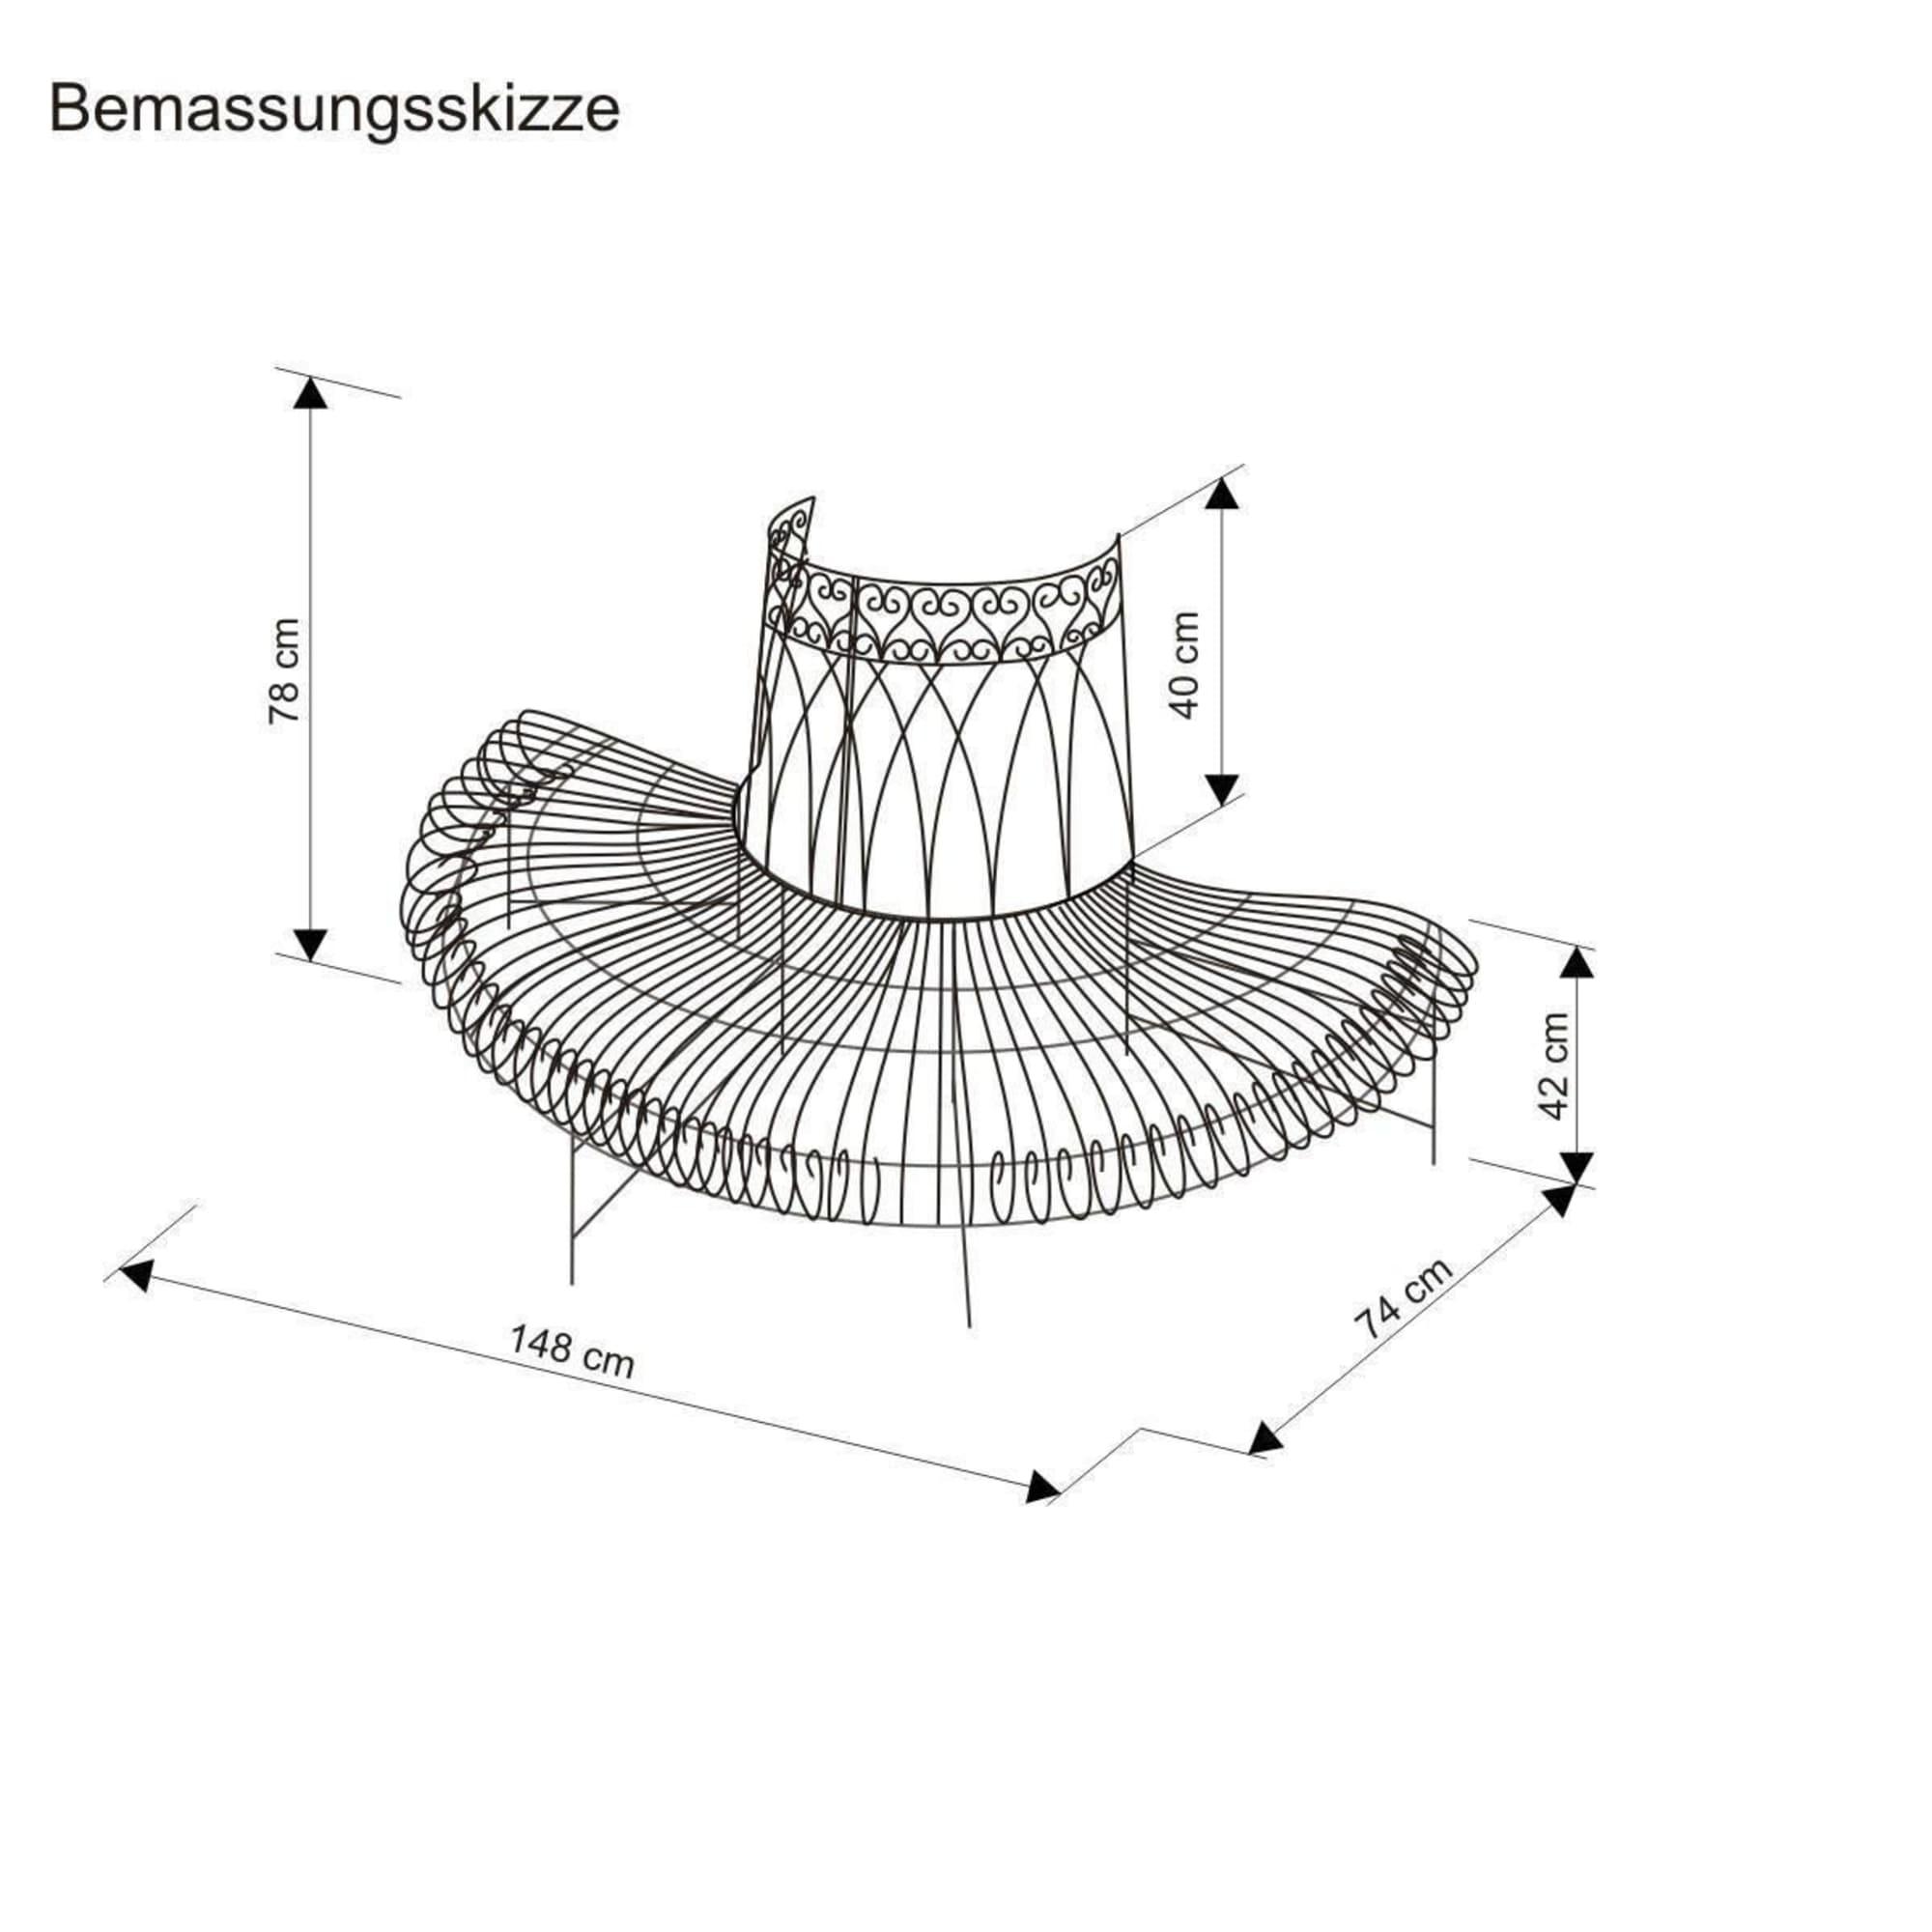 halbe-gartenbank-metall-baum-metall-antik-braun Beste Gartenbank Metall Nostalgie Design-ideen